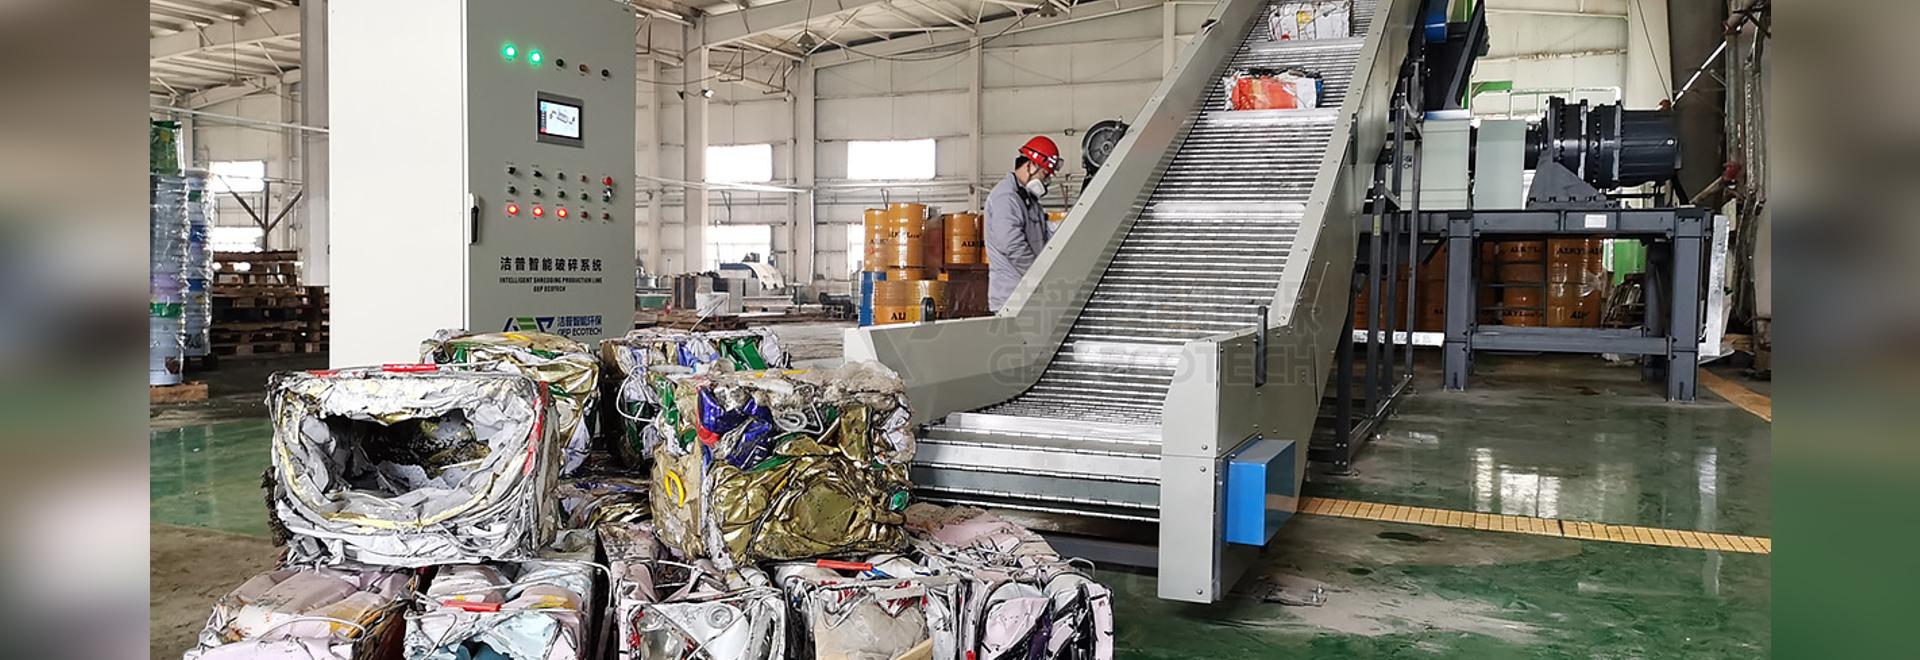 Doppelwellenzerkleinerer Kapazität 20 Tonne in Malaysia